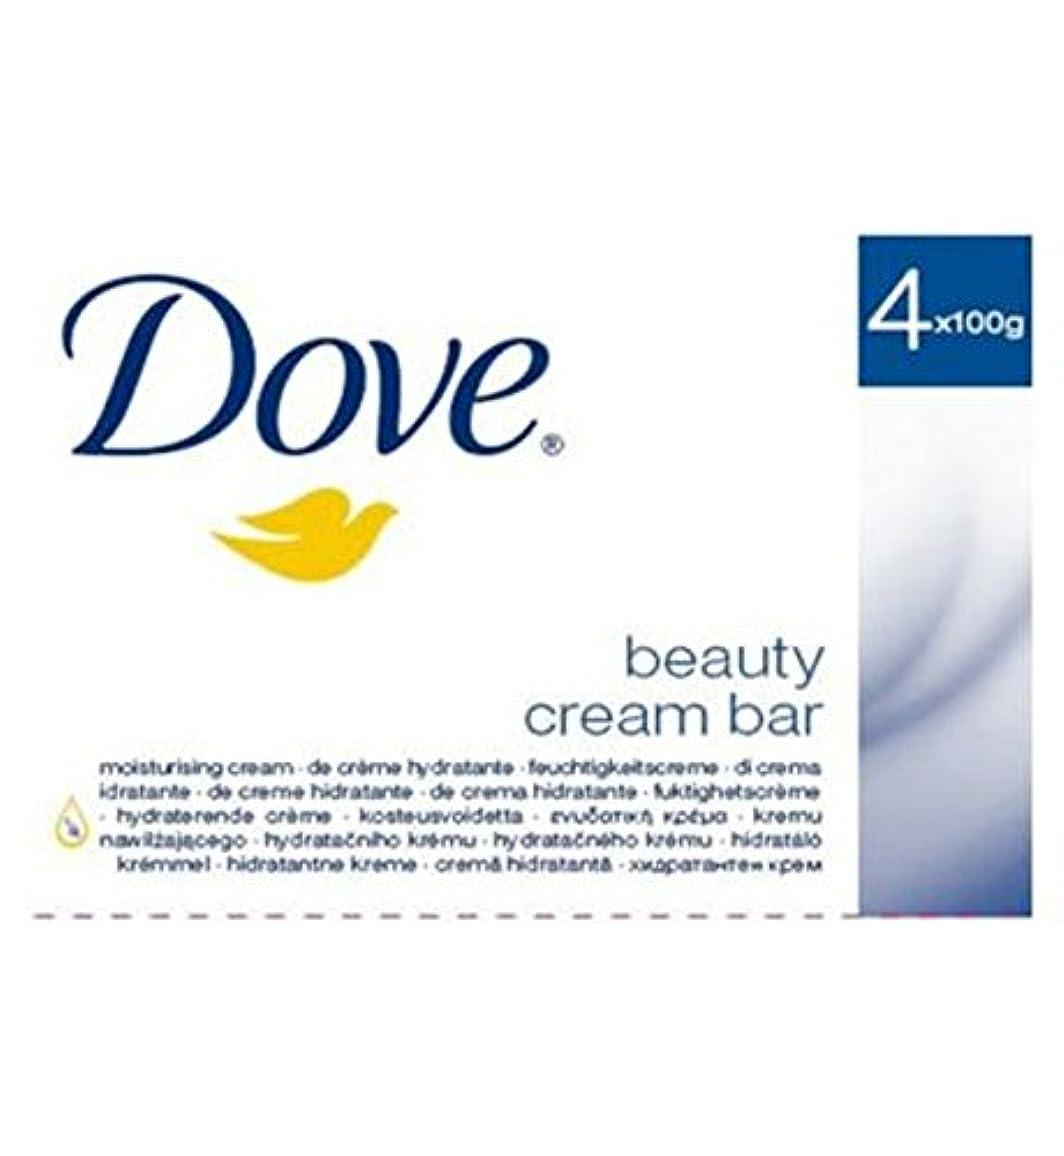 細胞パウダー労働Dove Original Beauty Cream Bar 4 x 100g - 鳩元の美しさのクリームバー4のX 100グラム (Dove) [並行輸入品]